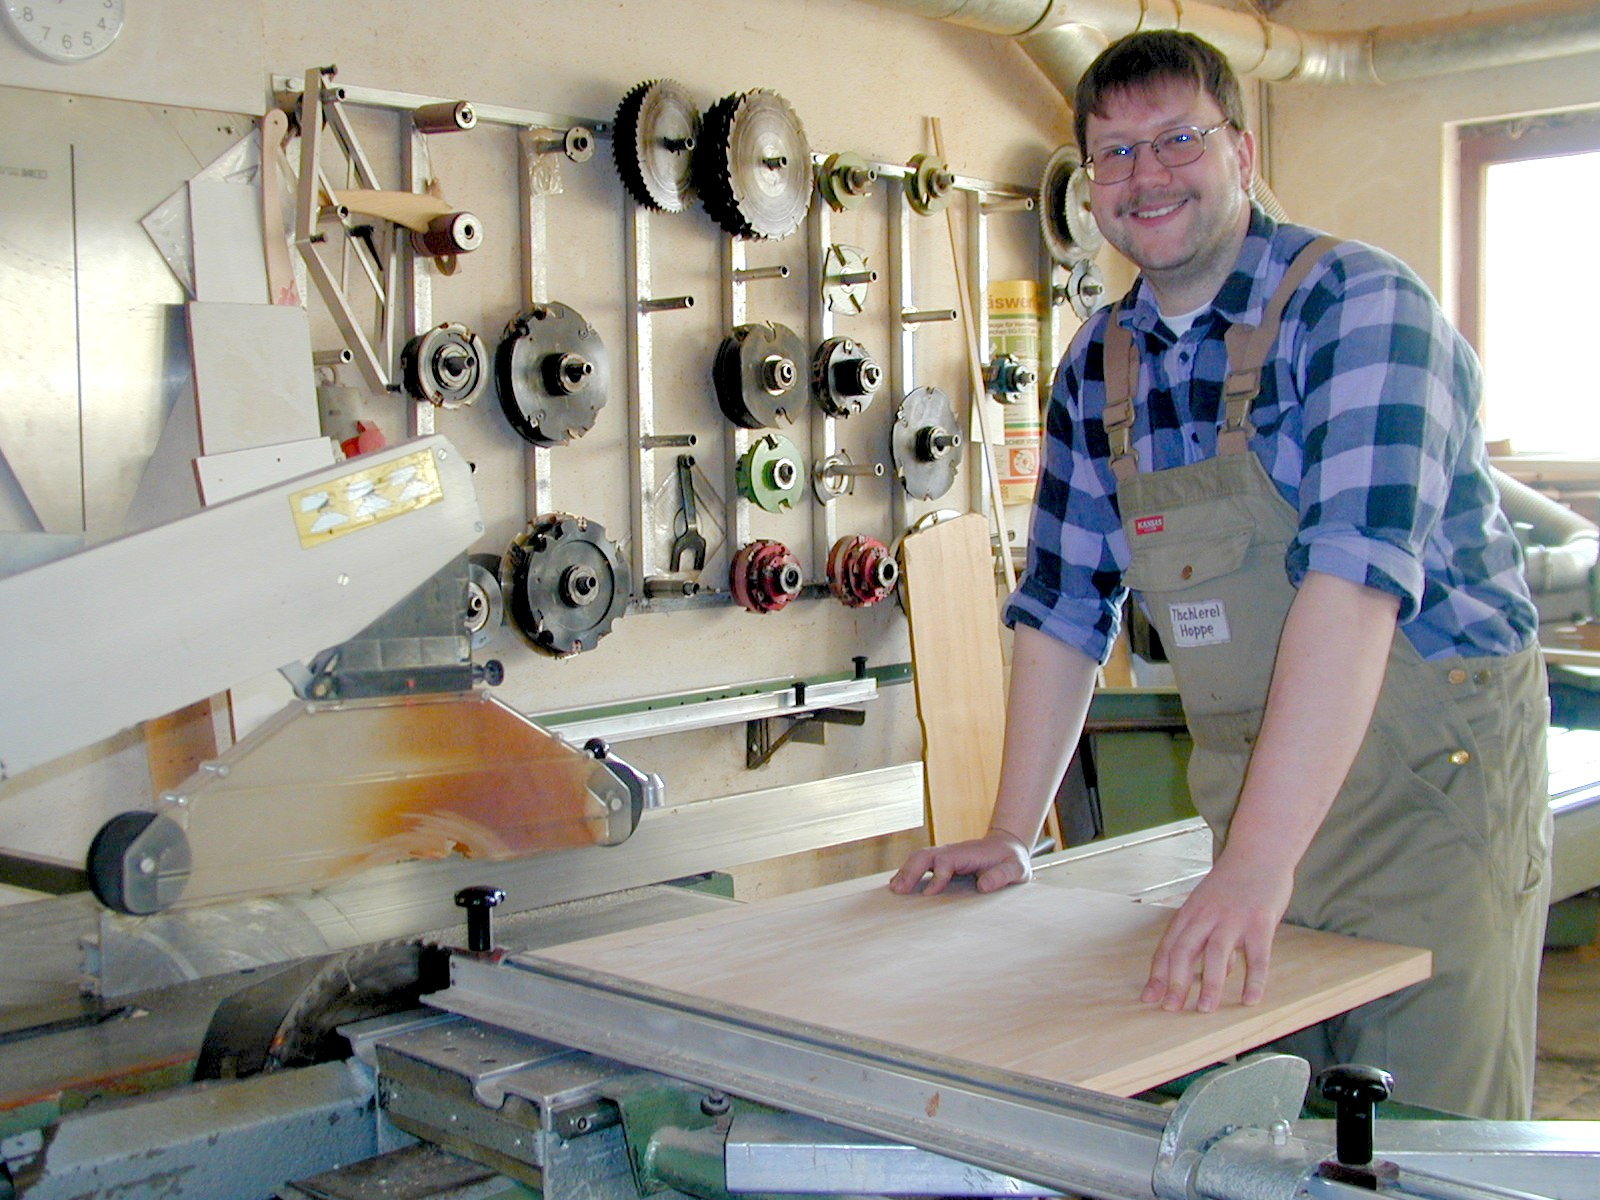 Tischler bei der arbeit  24.02.2005: Seit 27 Jahren mit grundsolider Arbeit vor Ort ...